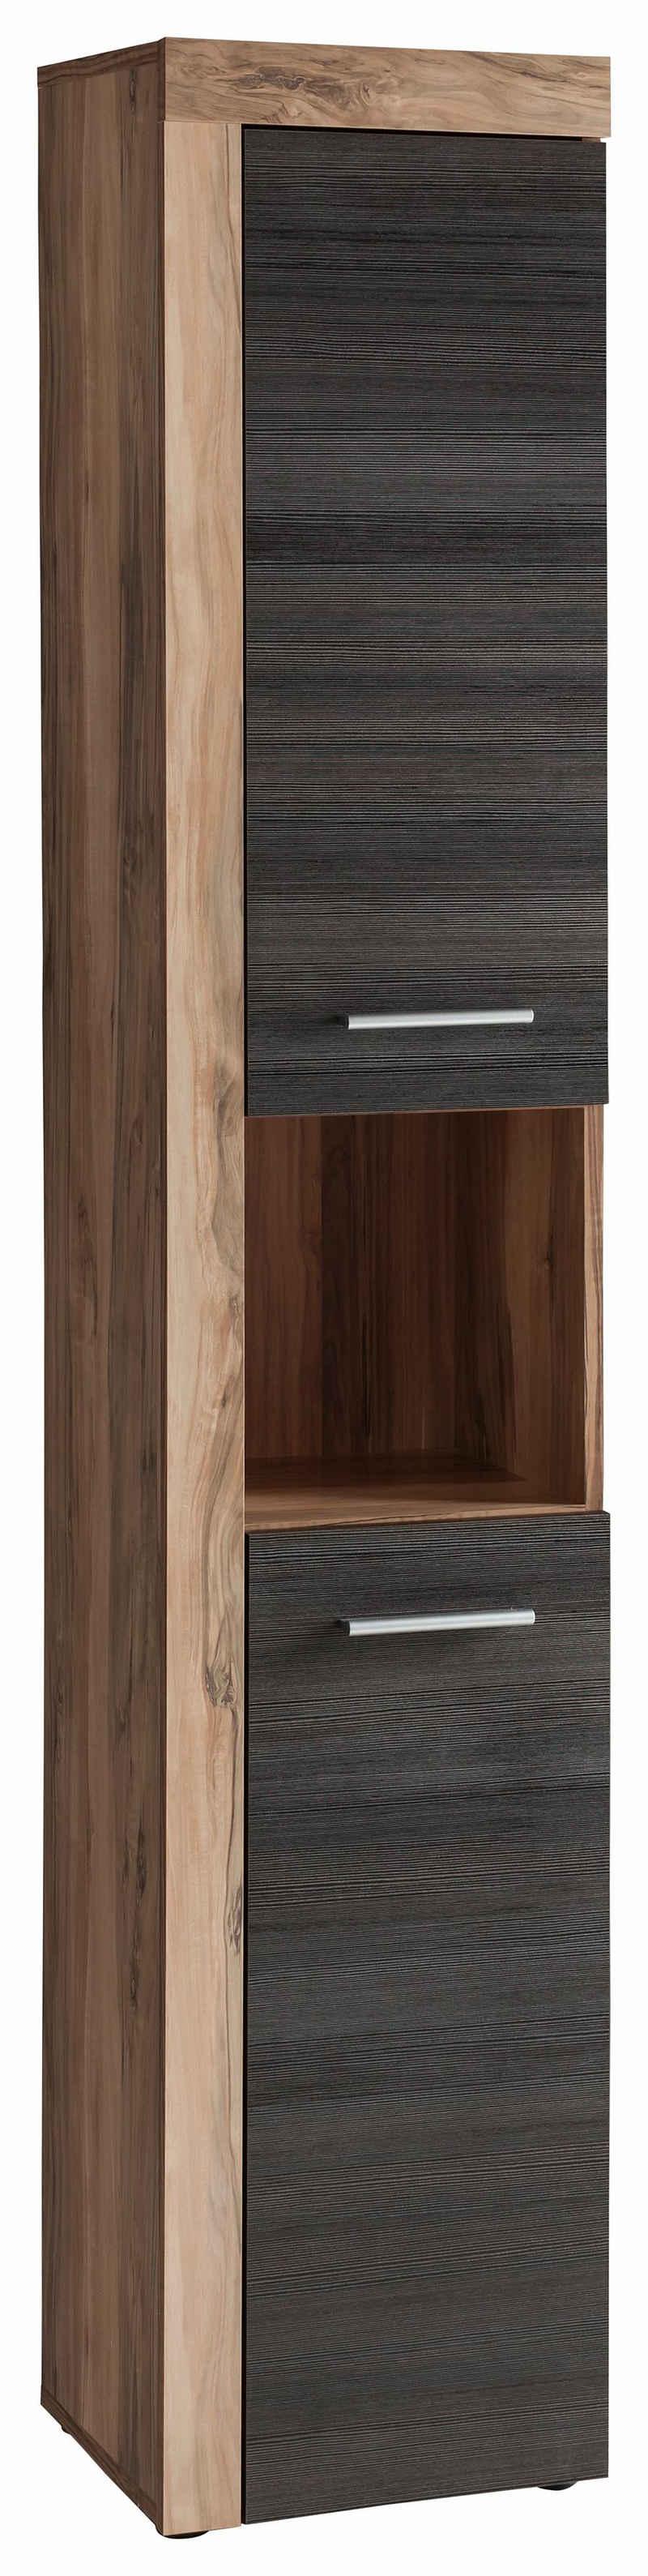 trendteam Hochschrank »CANCUN« mit Rahmenoptik in Holztönen, Breite 36 cm